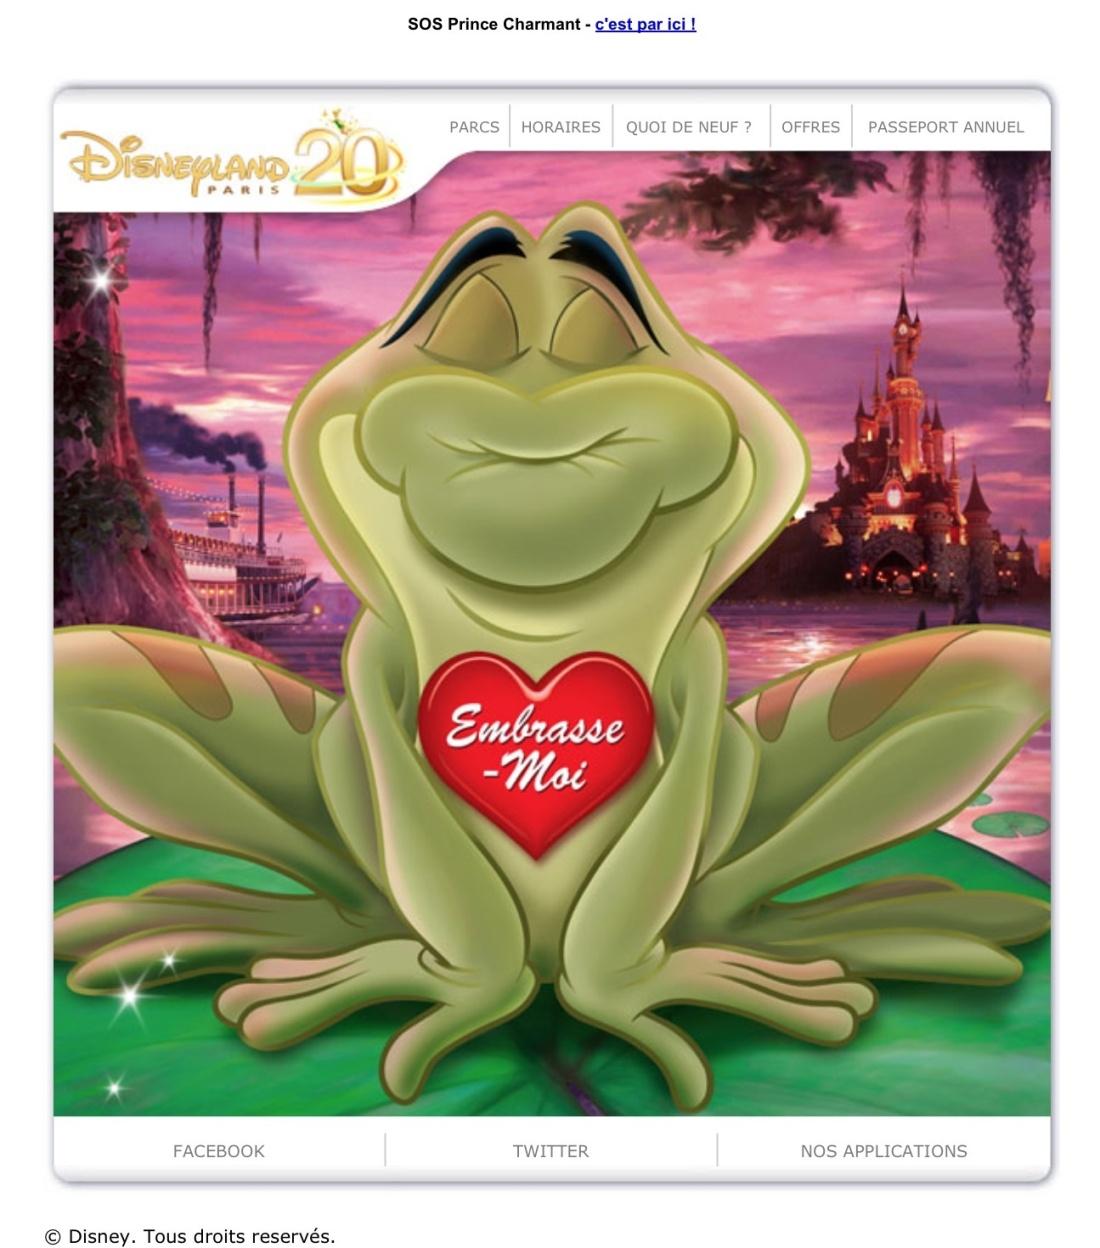 Disneyland Paris e-mailing Saint Valentin crapaud